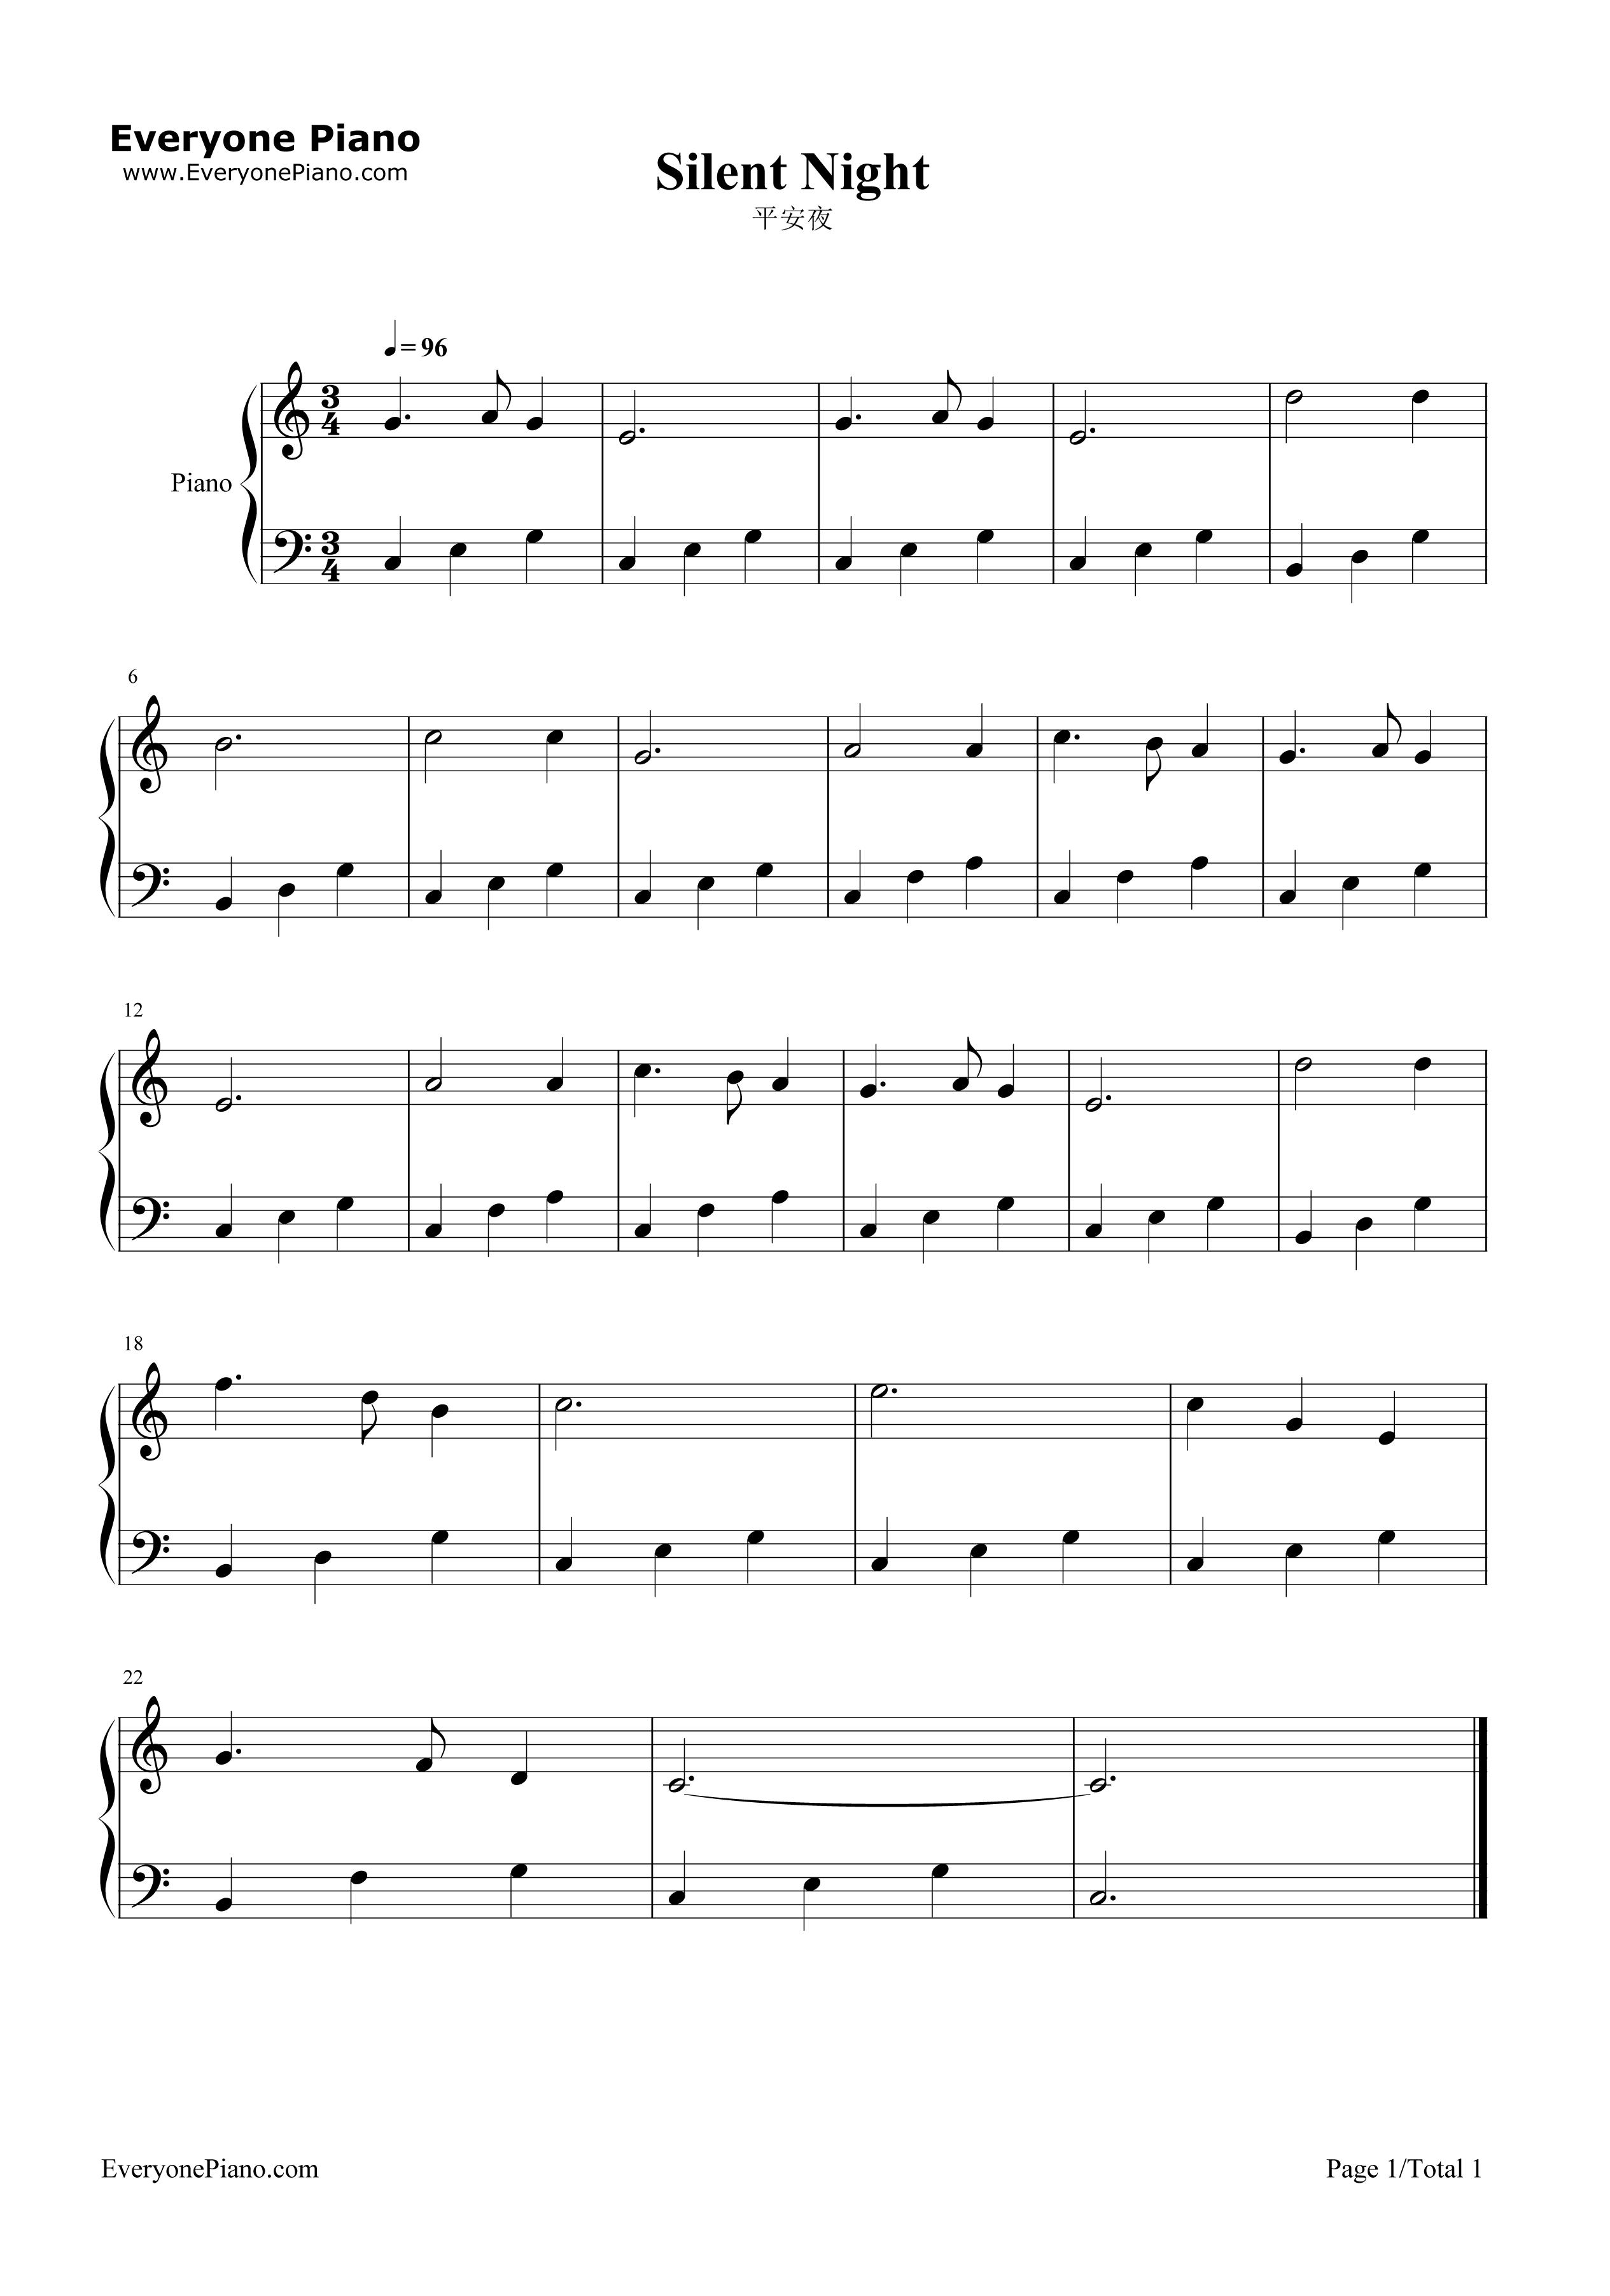 平安夜五线谱预览1-钢琴谱文件(五线谱,双手简谱,数字图片